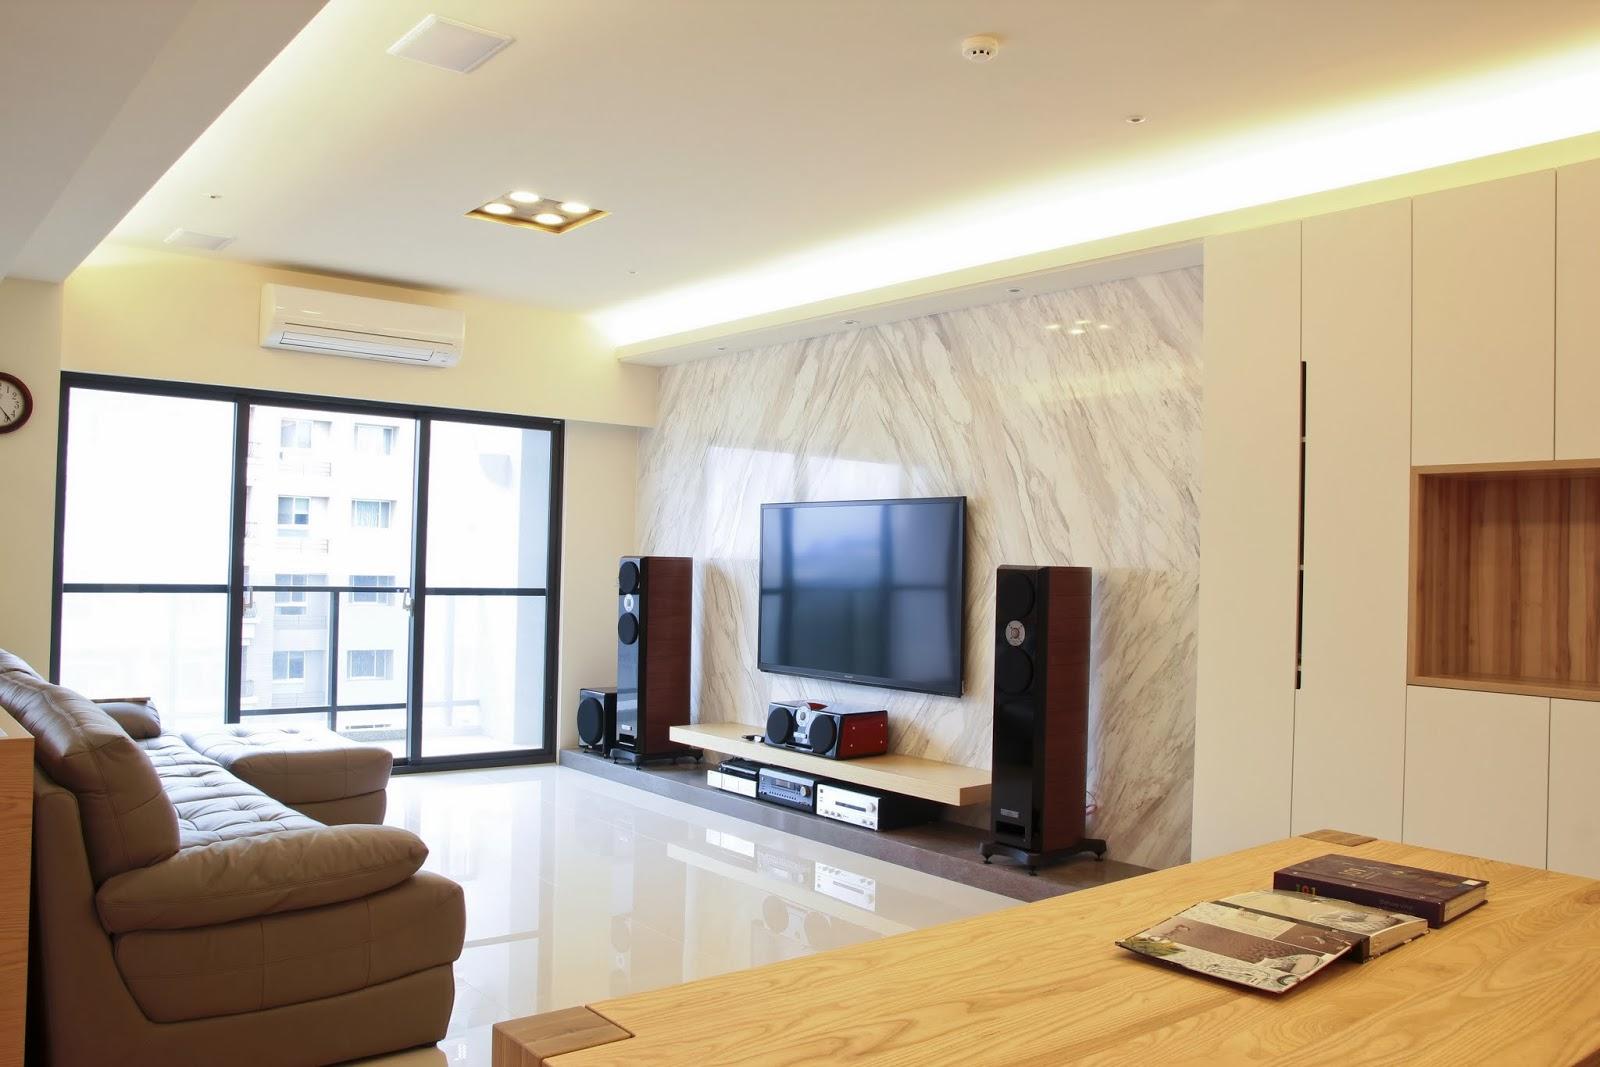 木作電視牆價格|價格- 木作電視牆價格|價格 - 快熱資訊 - 走進時代